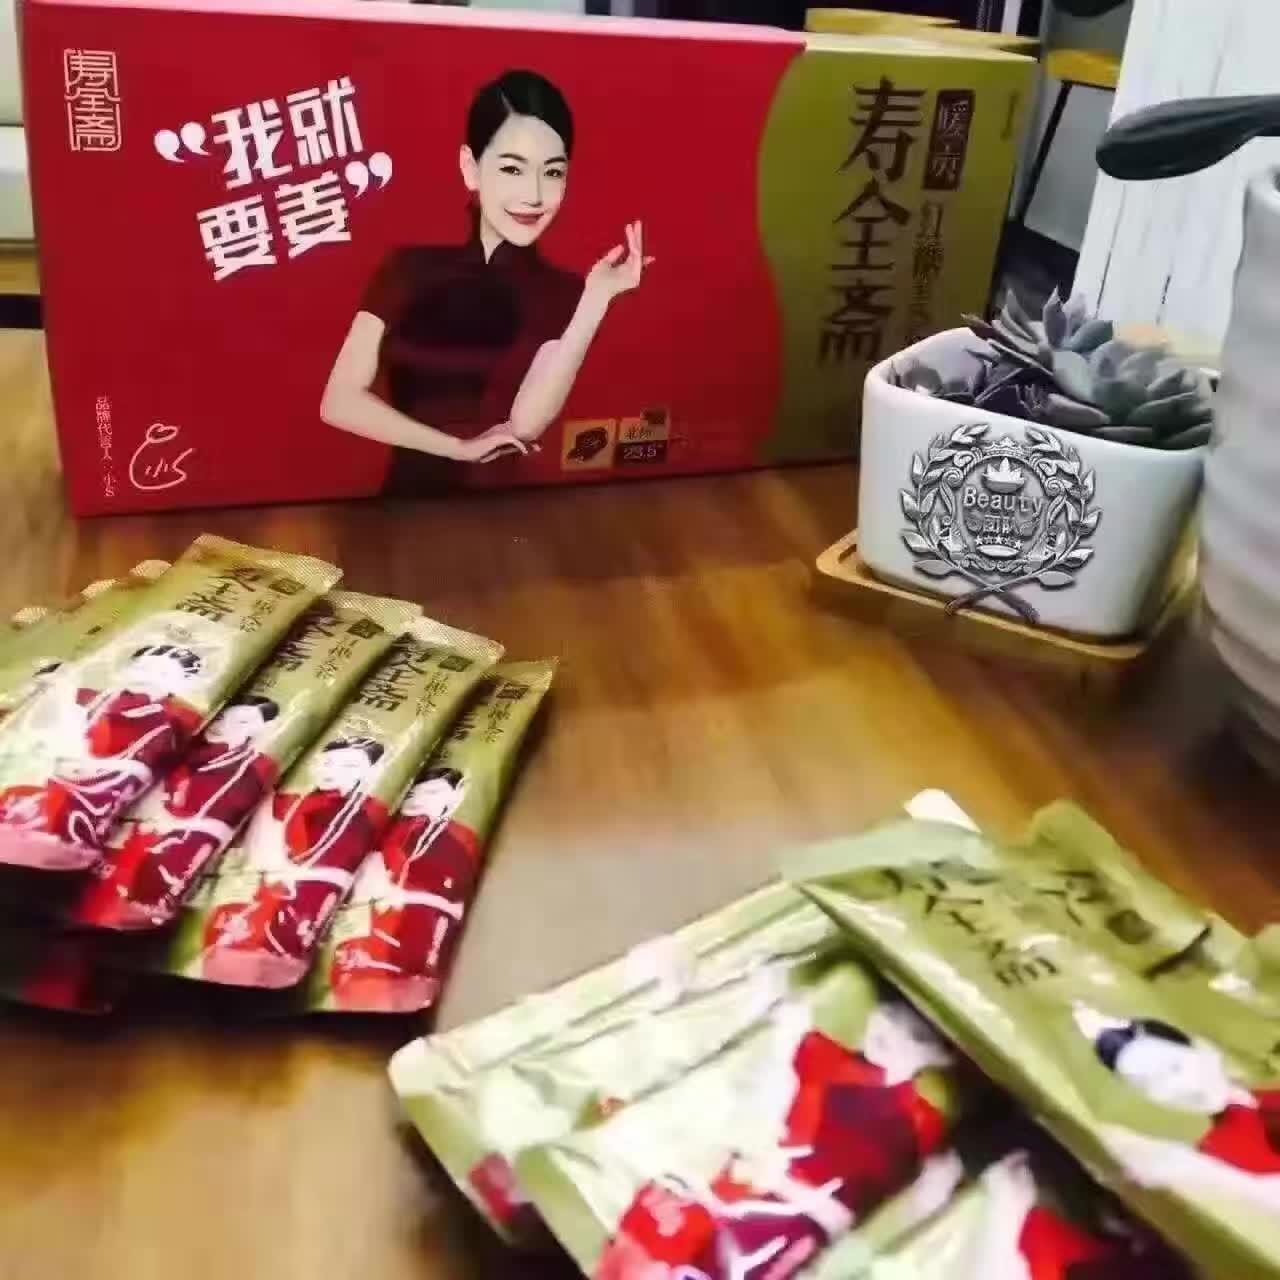 寿全斋姜茶效果 四大功效 呵护女性健康